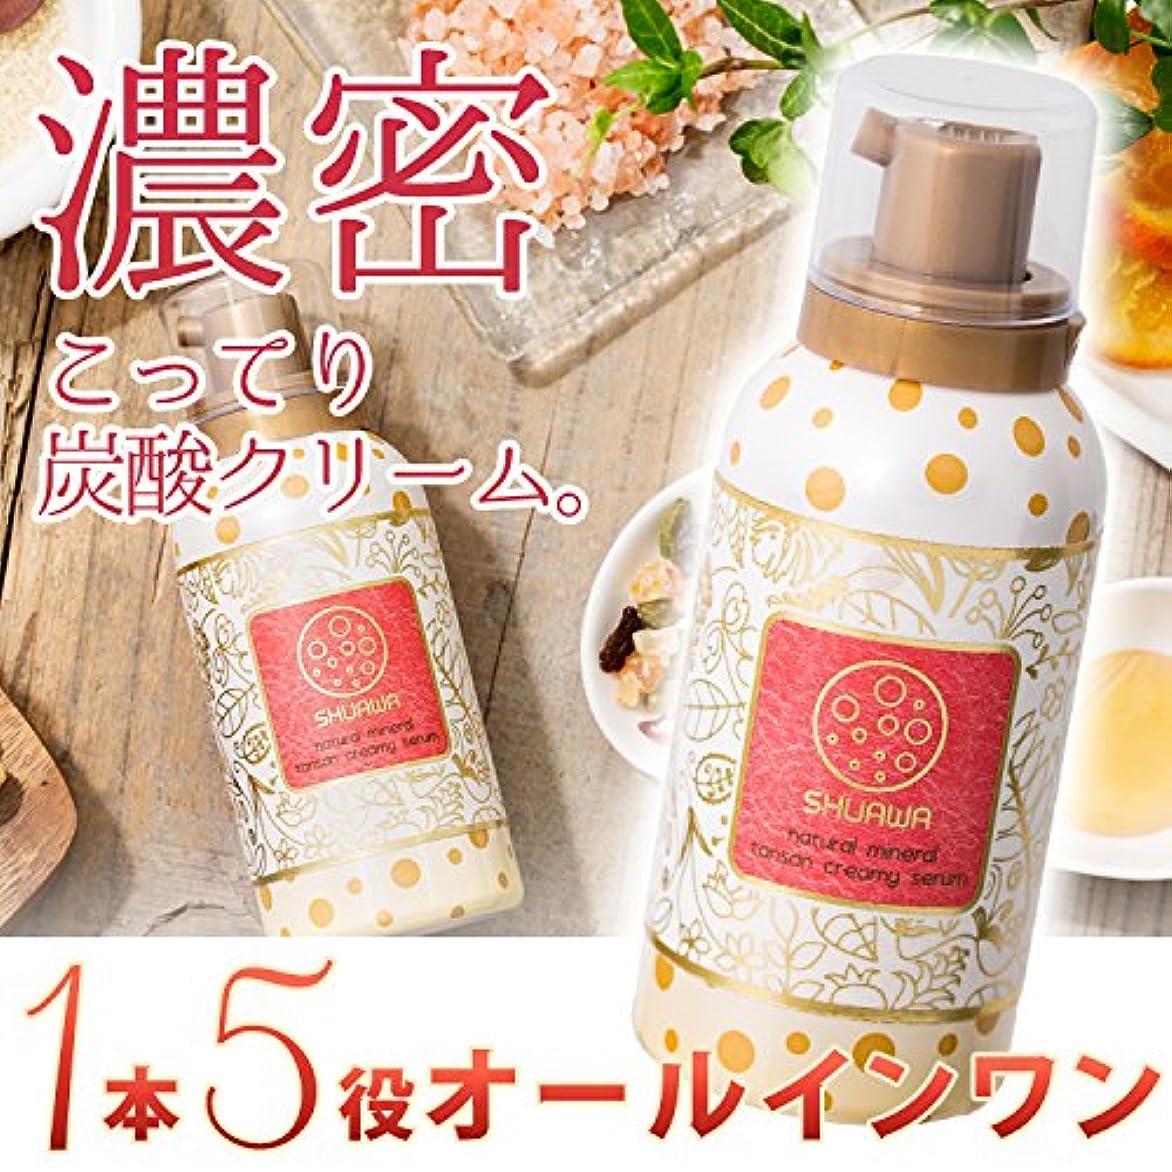 実質的レンジ届けるSHUAWA ミネラル炭酸くりーむ美容液 100g